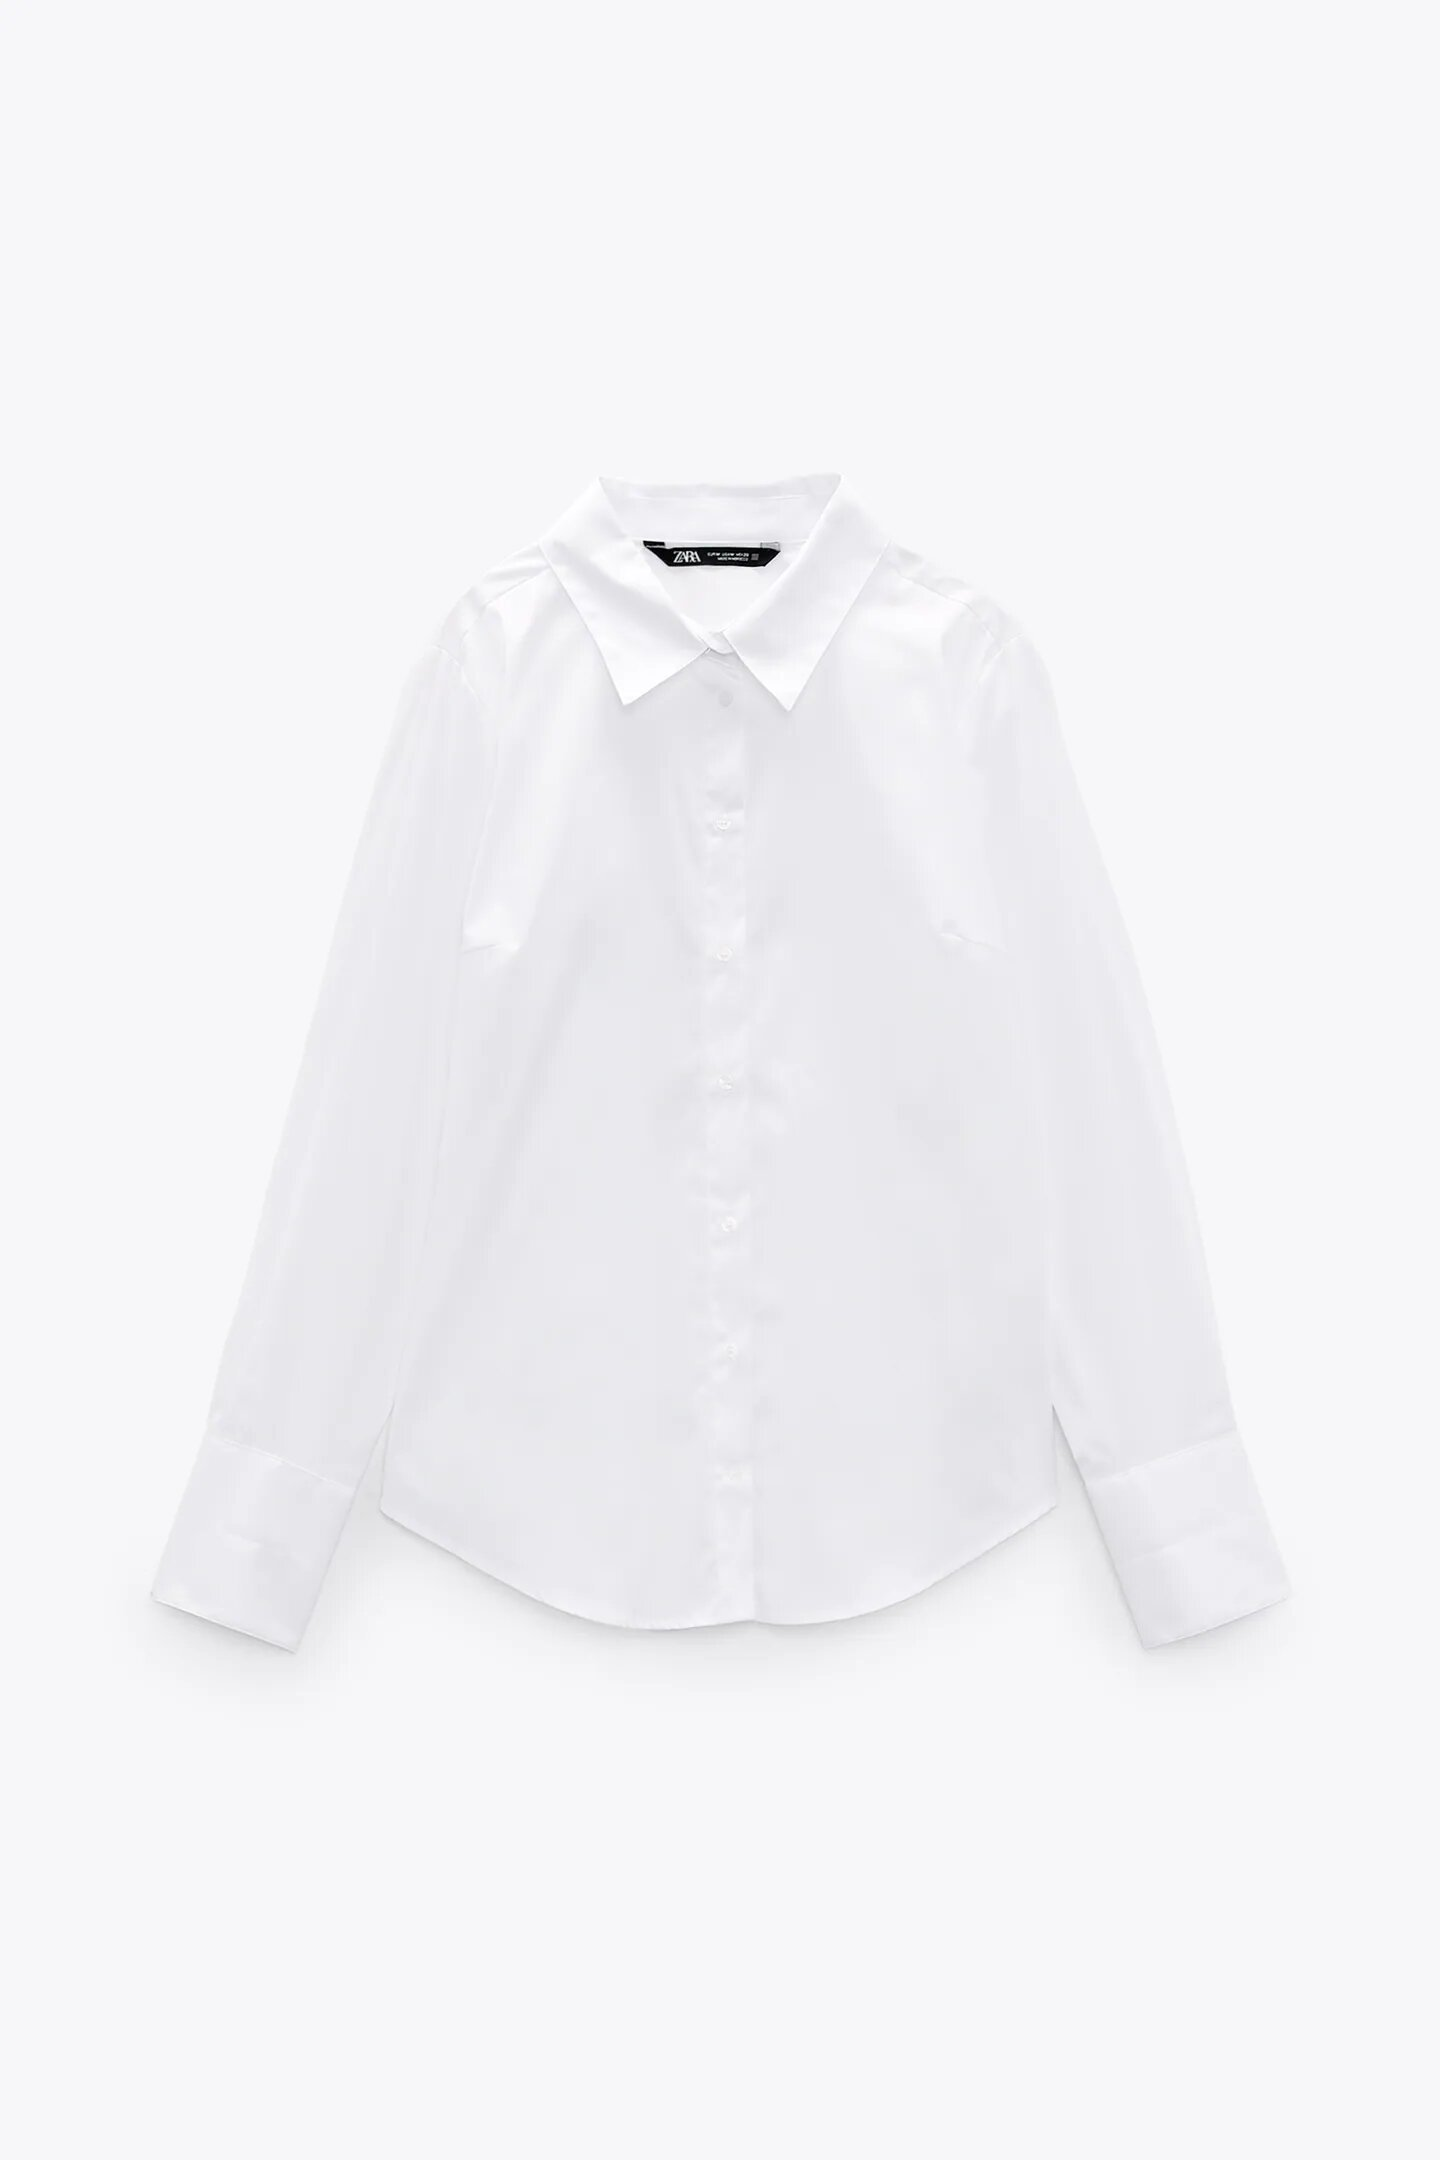 Camisa blanca de popelín, de Zara.